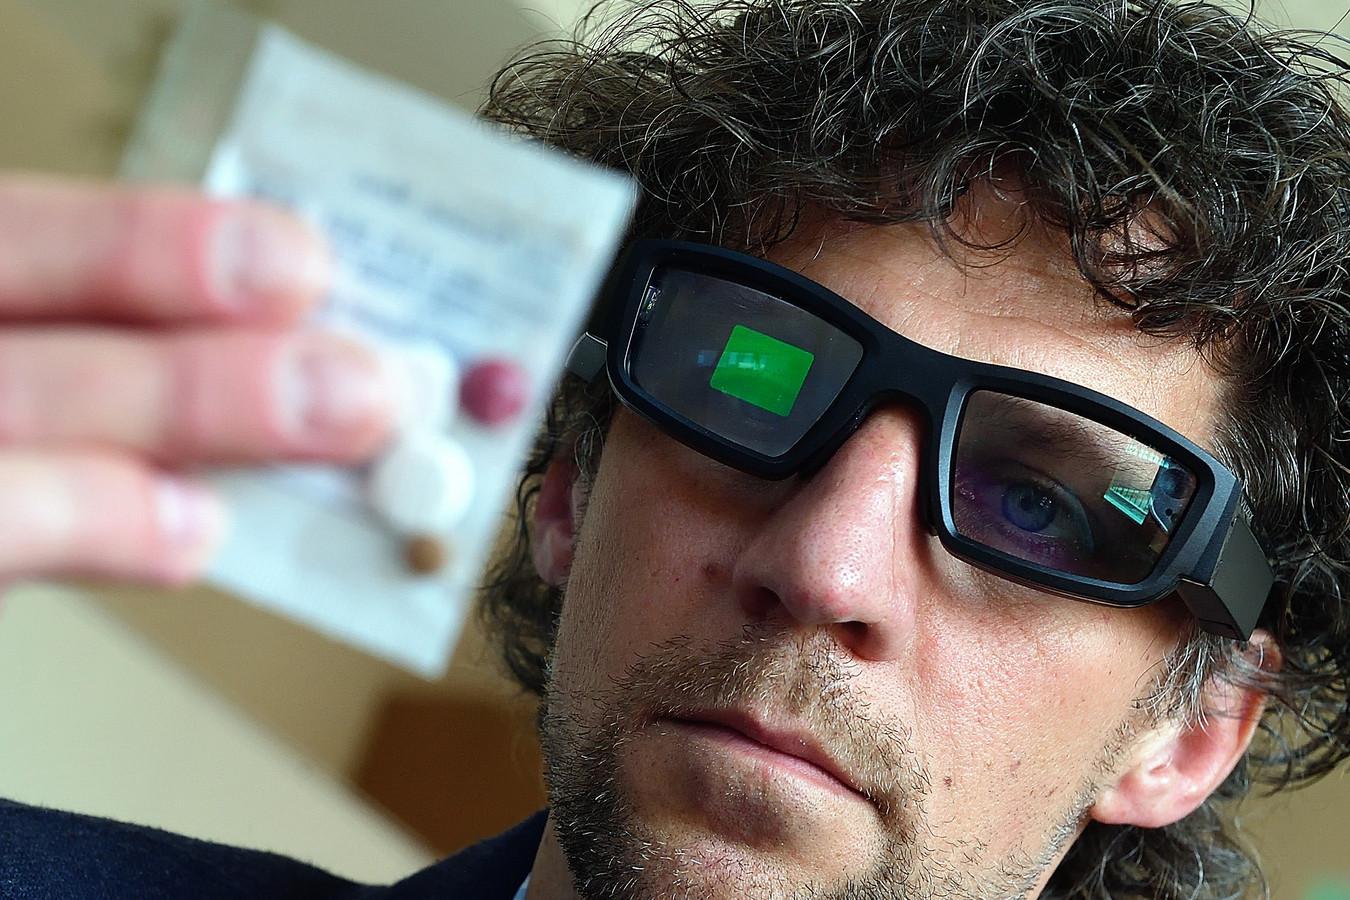 Innovatieadviseur Matthieu Arendse test de augmented realitybril die helpt bij het uitdelen van medicatie.